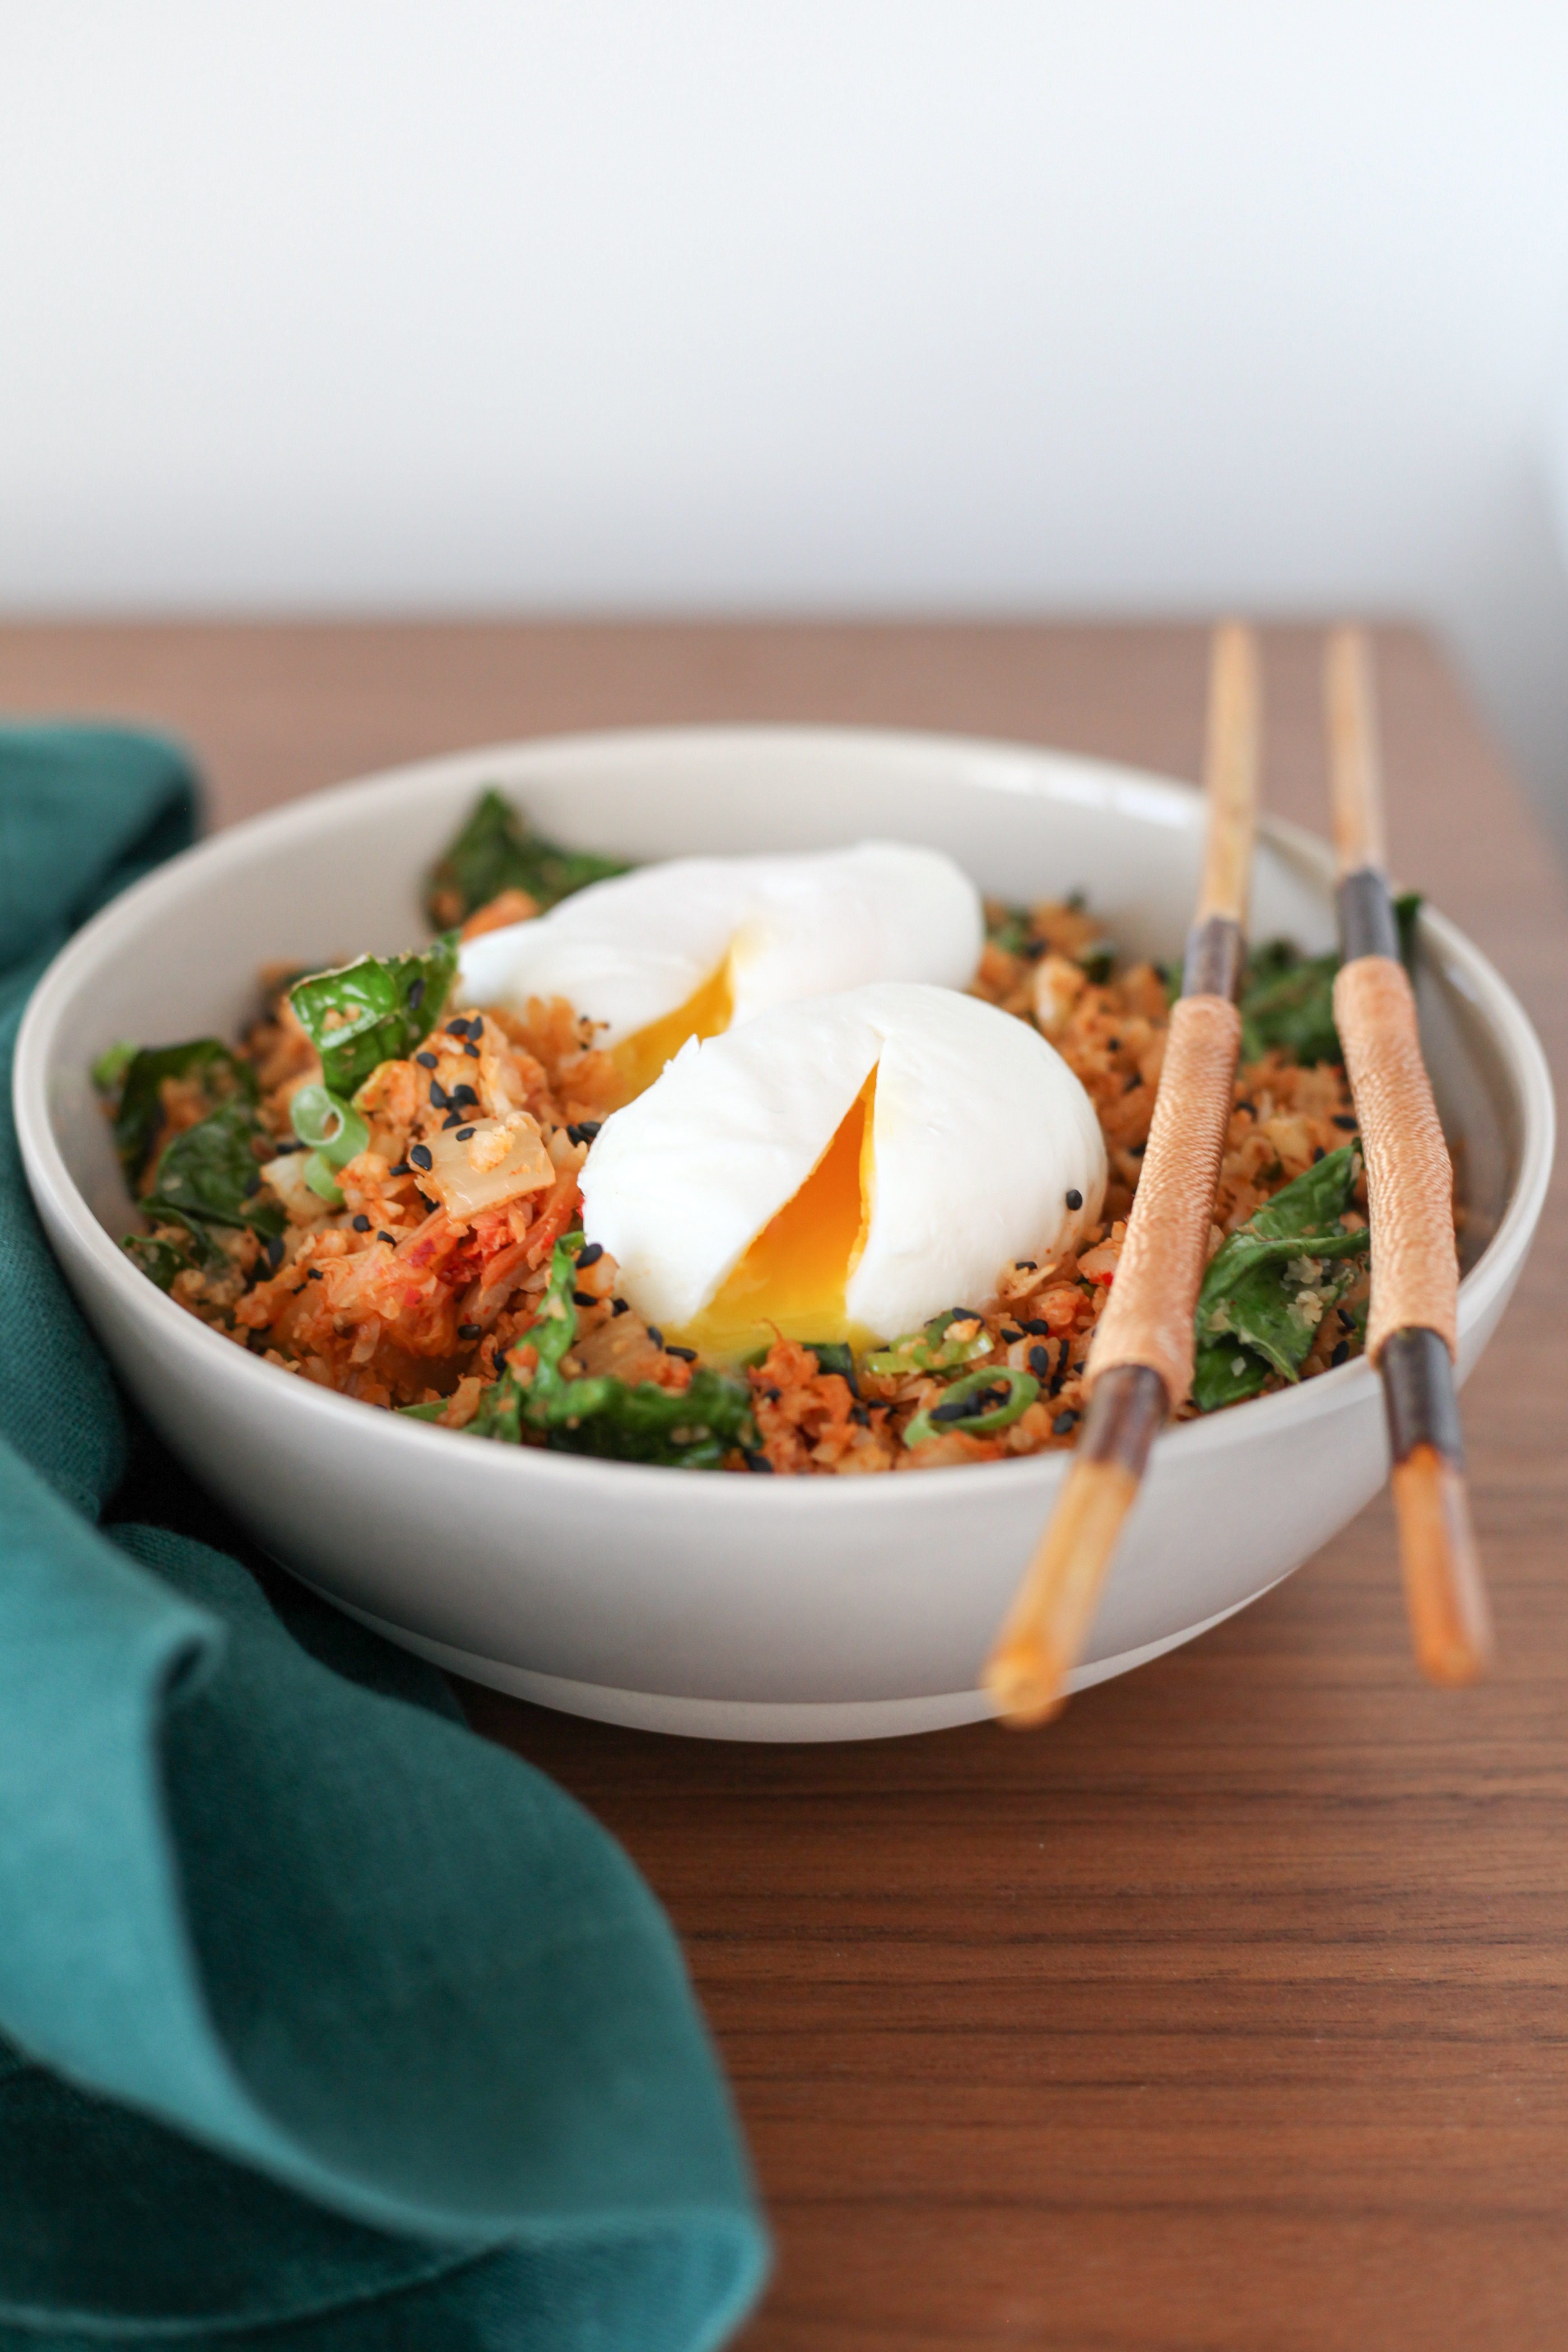 Cauliflower Fried Rice With Kale and Kimchi | amodestfeast.com | @amodestfeast